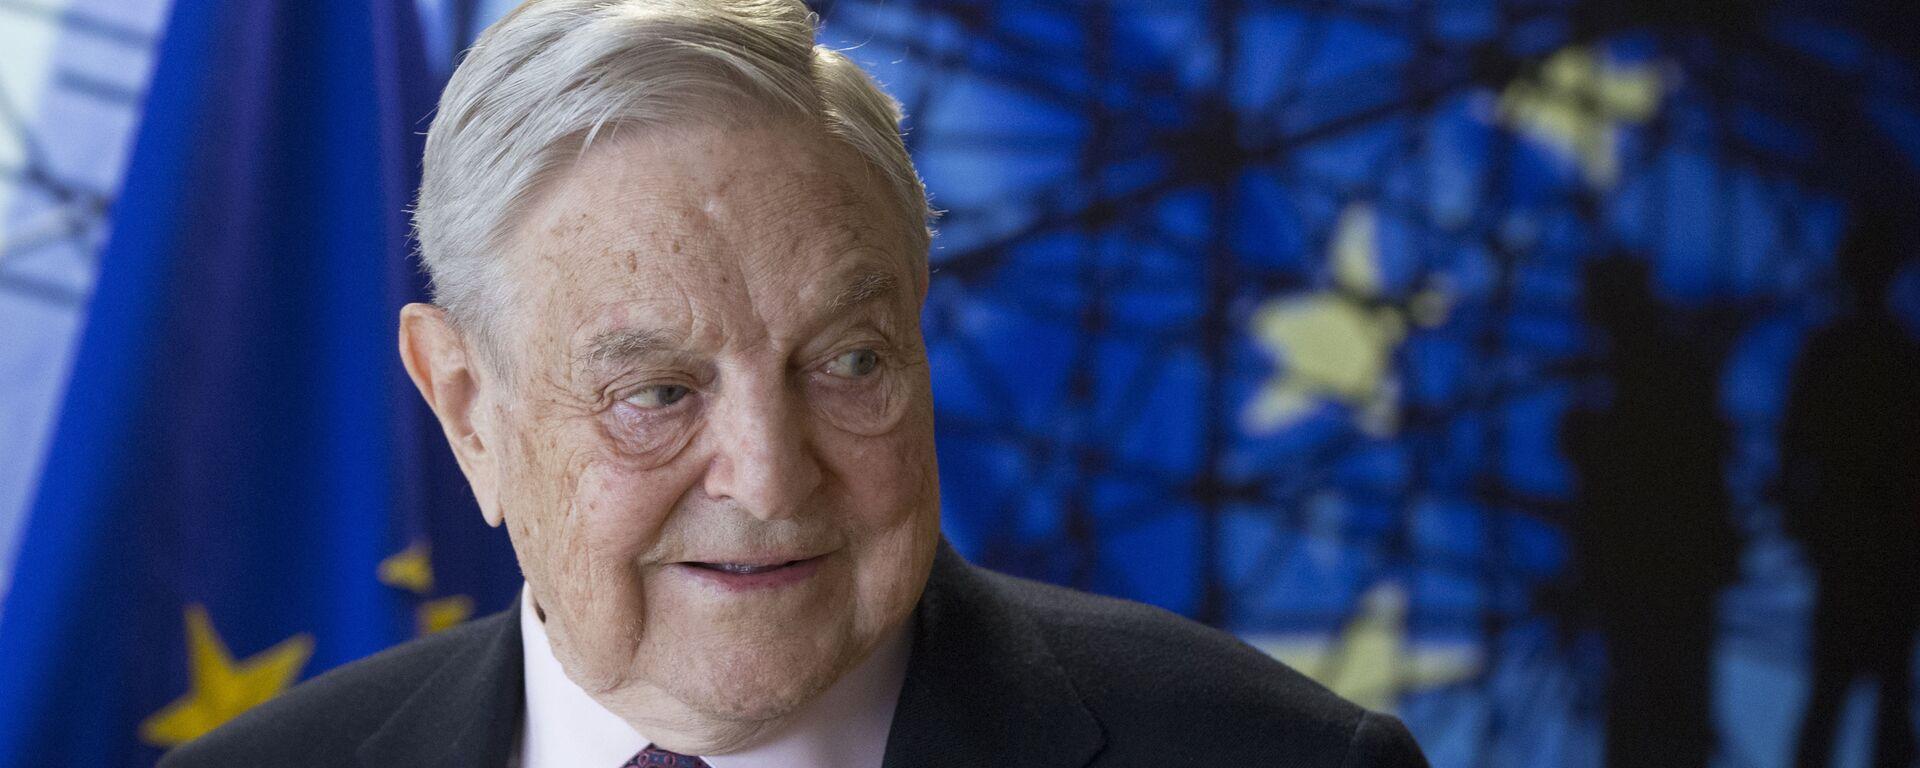 Amerykański miliarder George Soros w czasie wizyty w Brukseli - Sputnik Polska, 1920, 19.11.2020